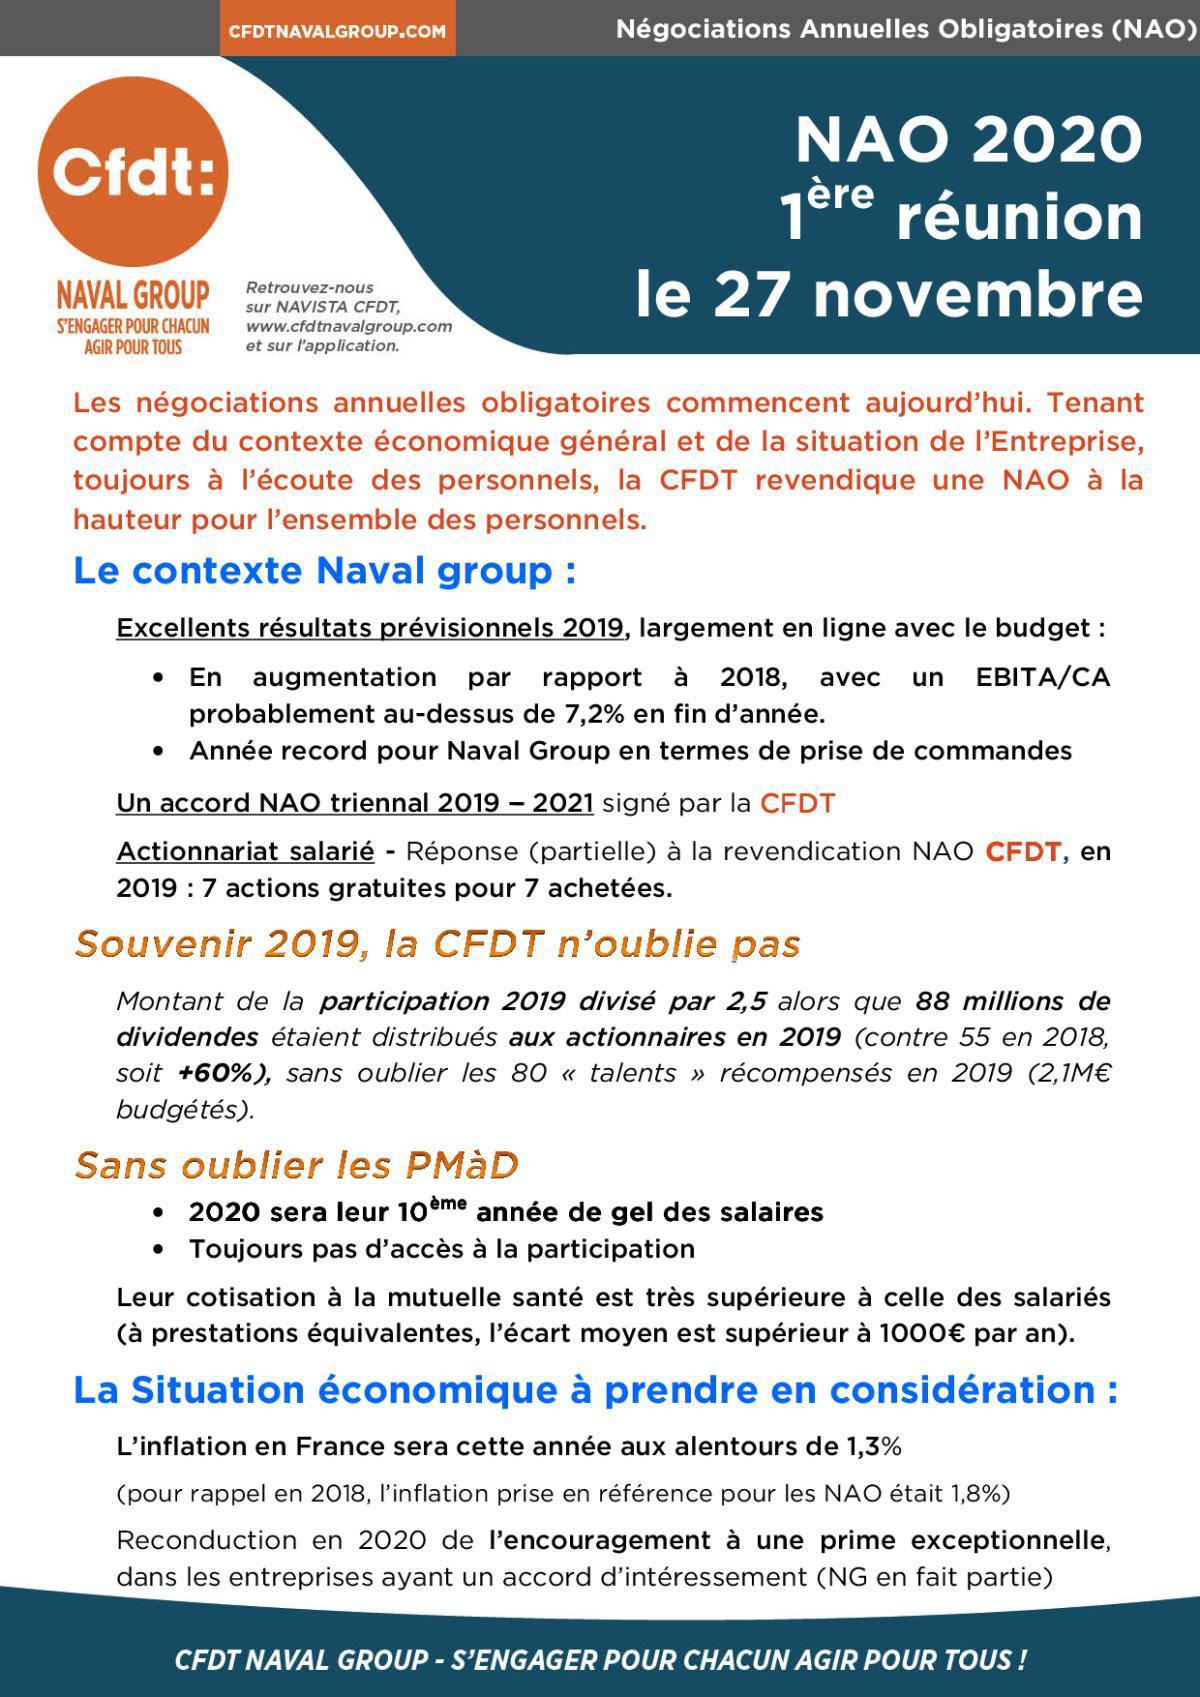 NAO 2020 - le revendicatif CFDT : 1ère réunion le 27 novembre